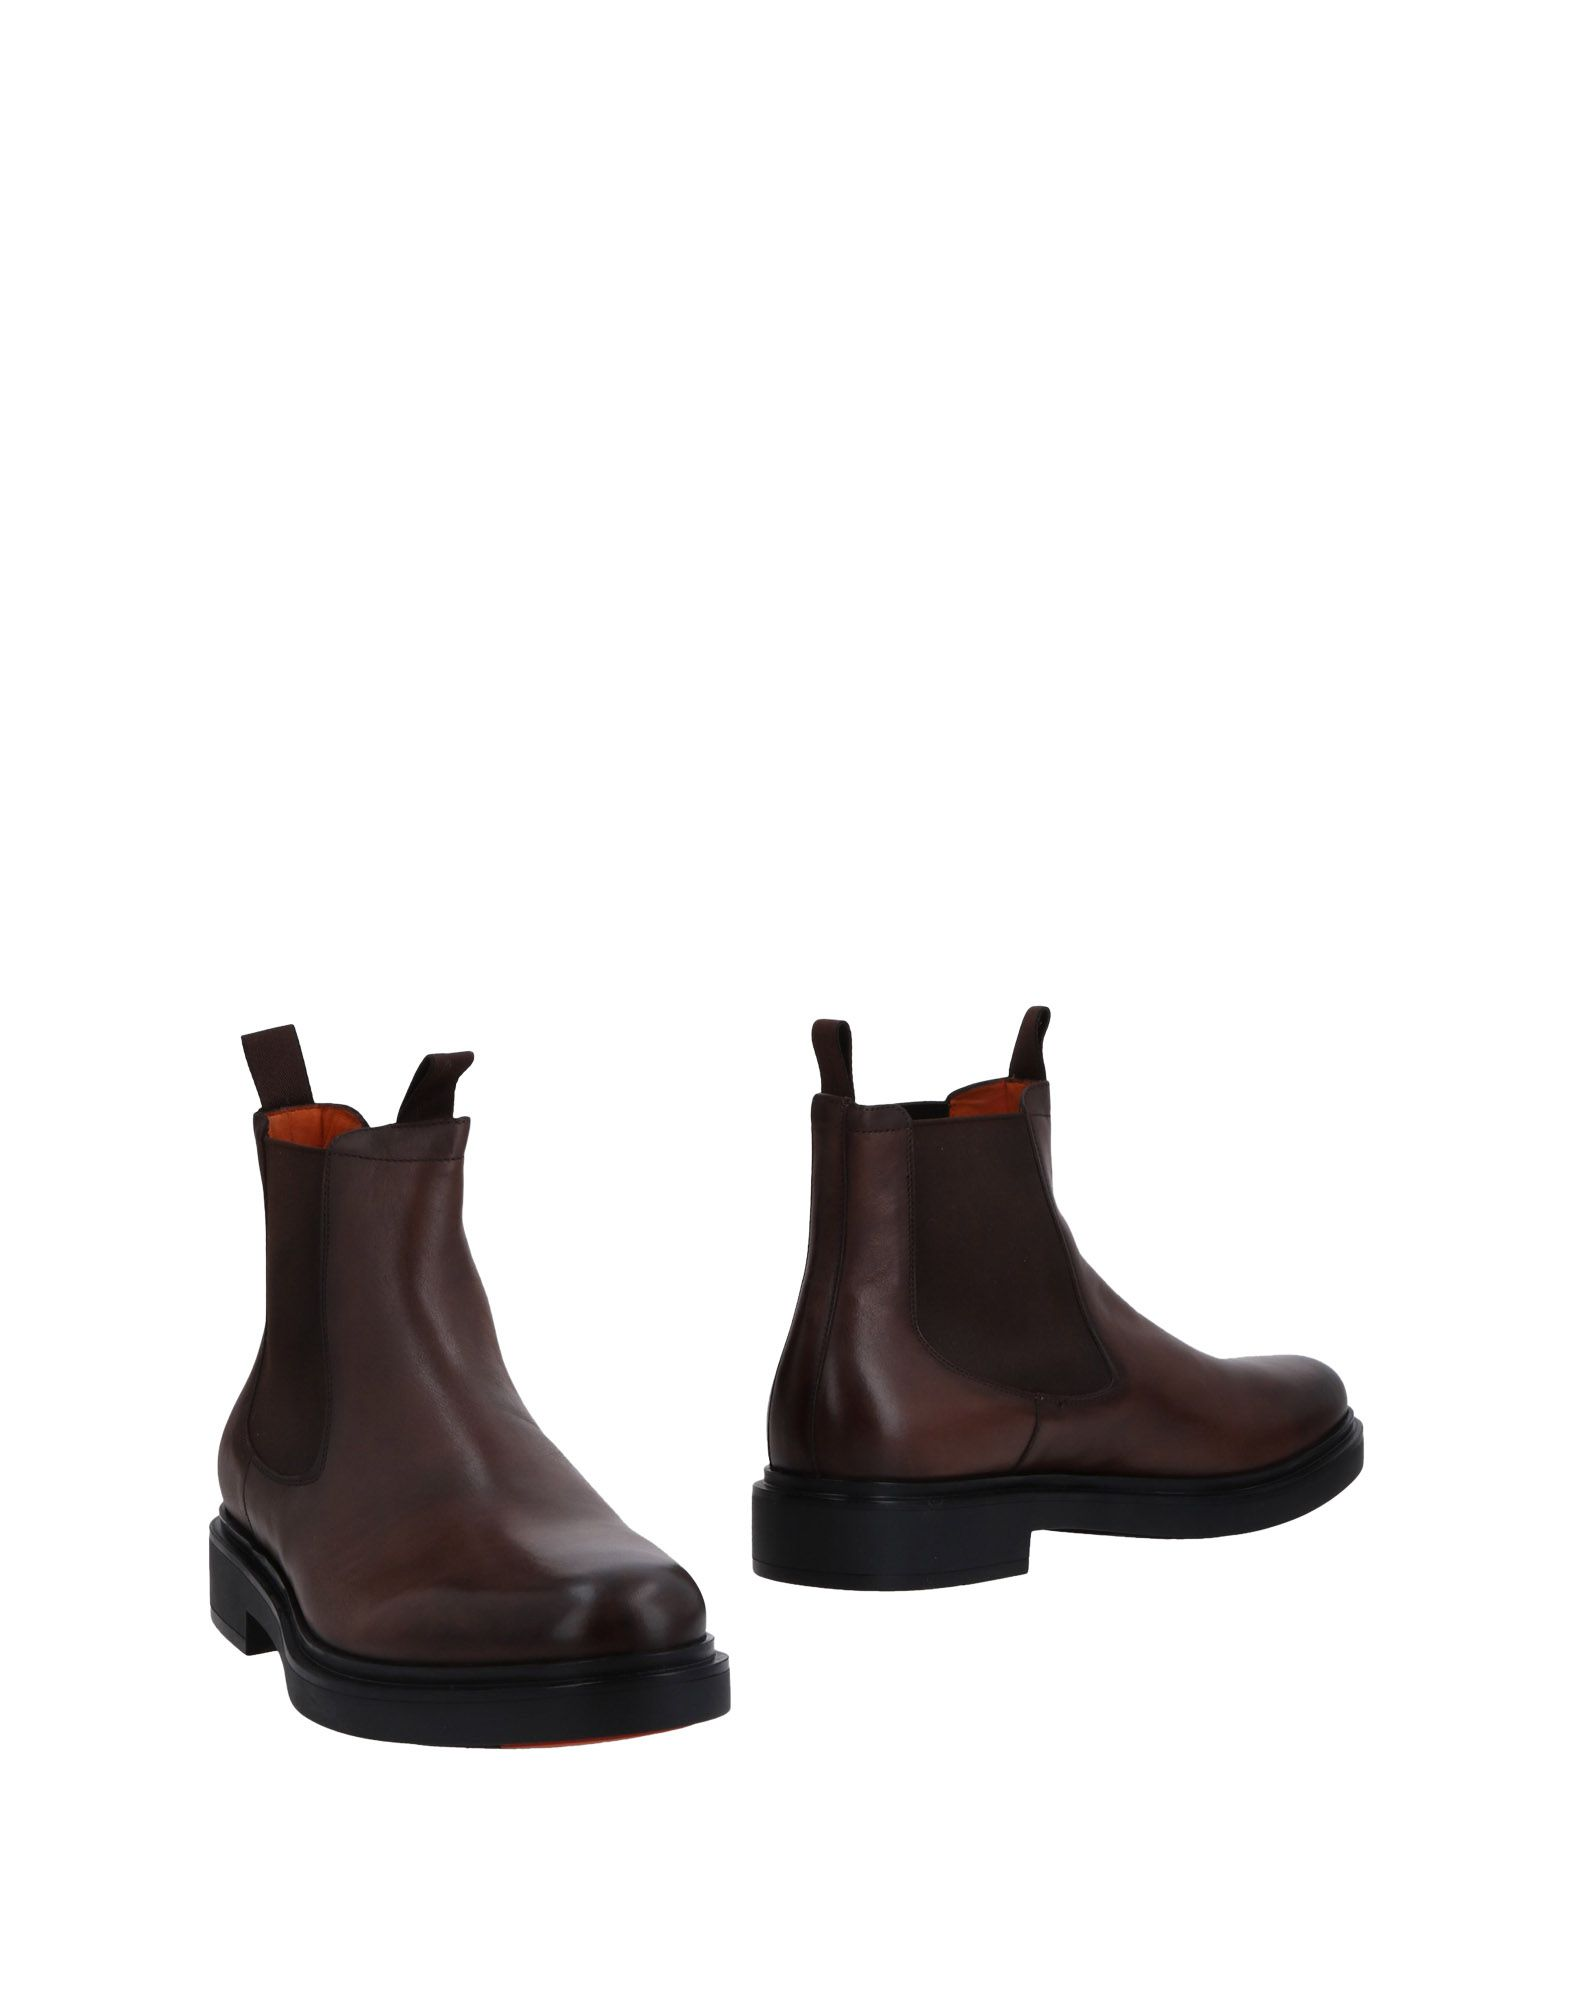 Santoni Stiefelette Herren  11478528EF Gute Qualität beliebte Schuhe